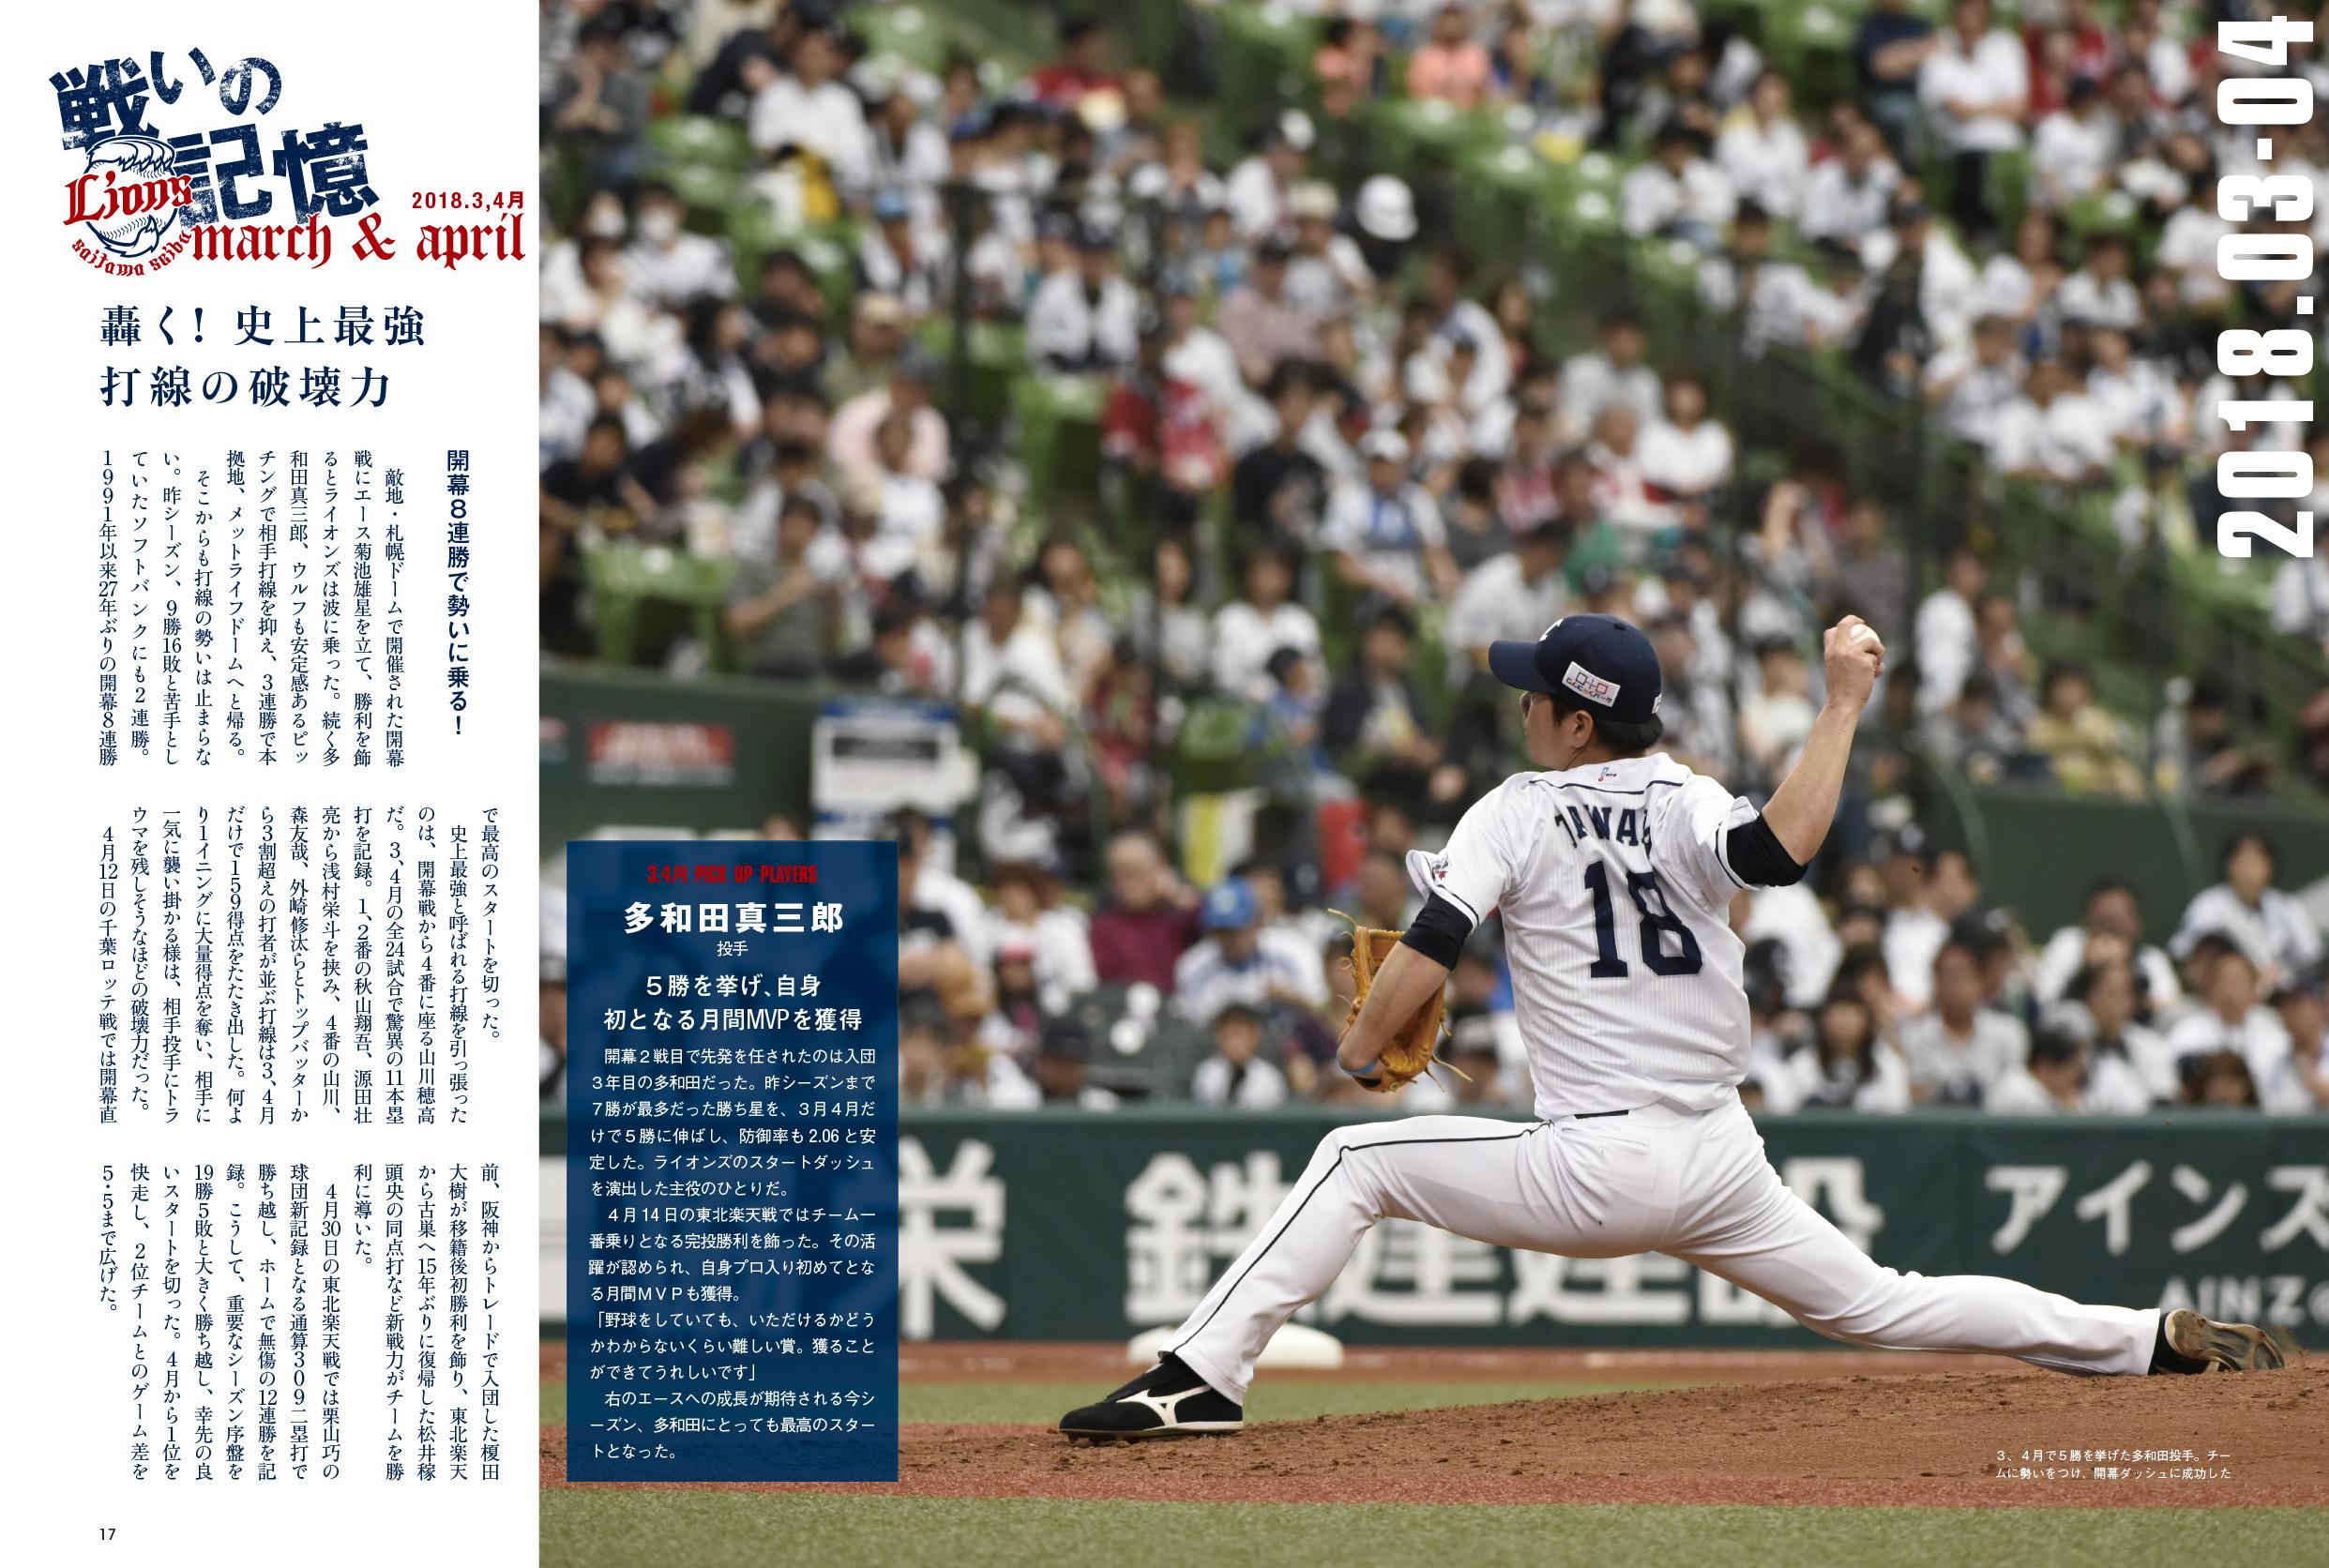 プロ野球ぴあ埼玉西武ライオンズメモリアルBOOK 2018